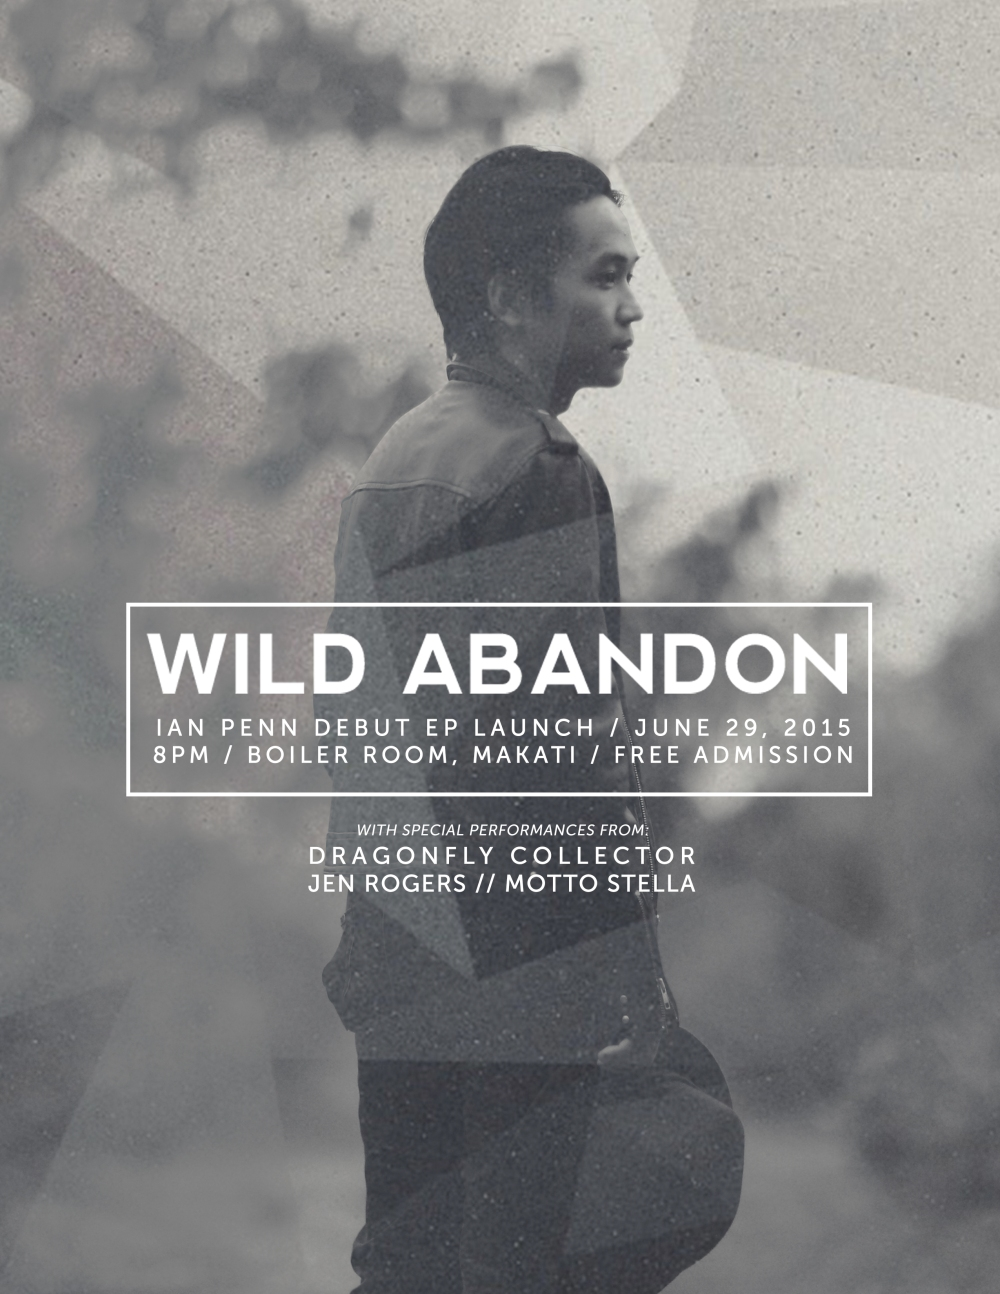 Ian Penn Wild Abandon EP Launch